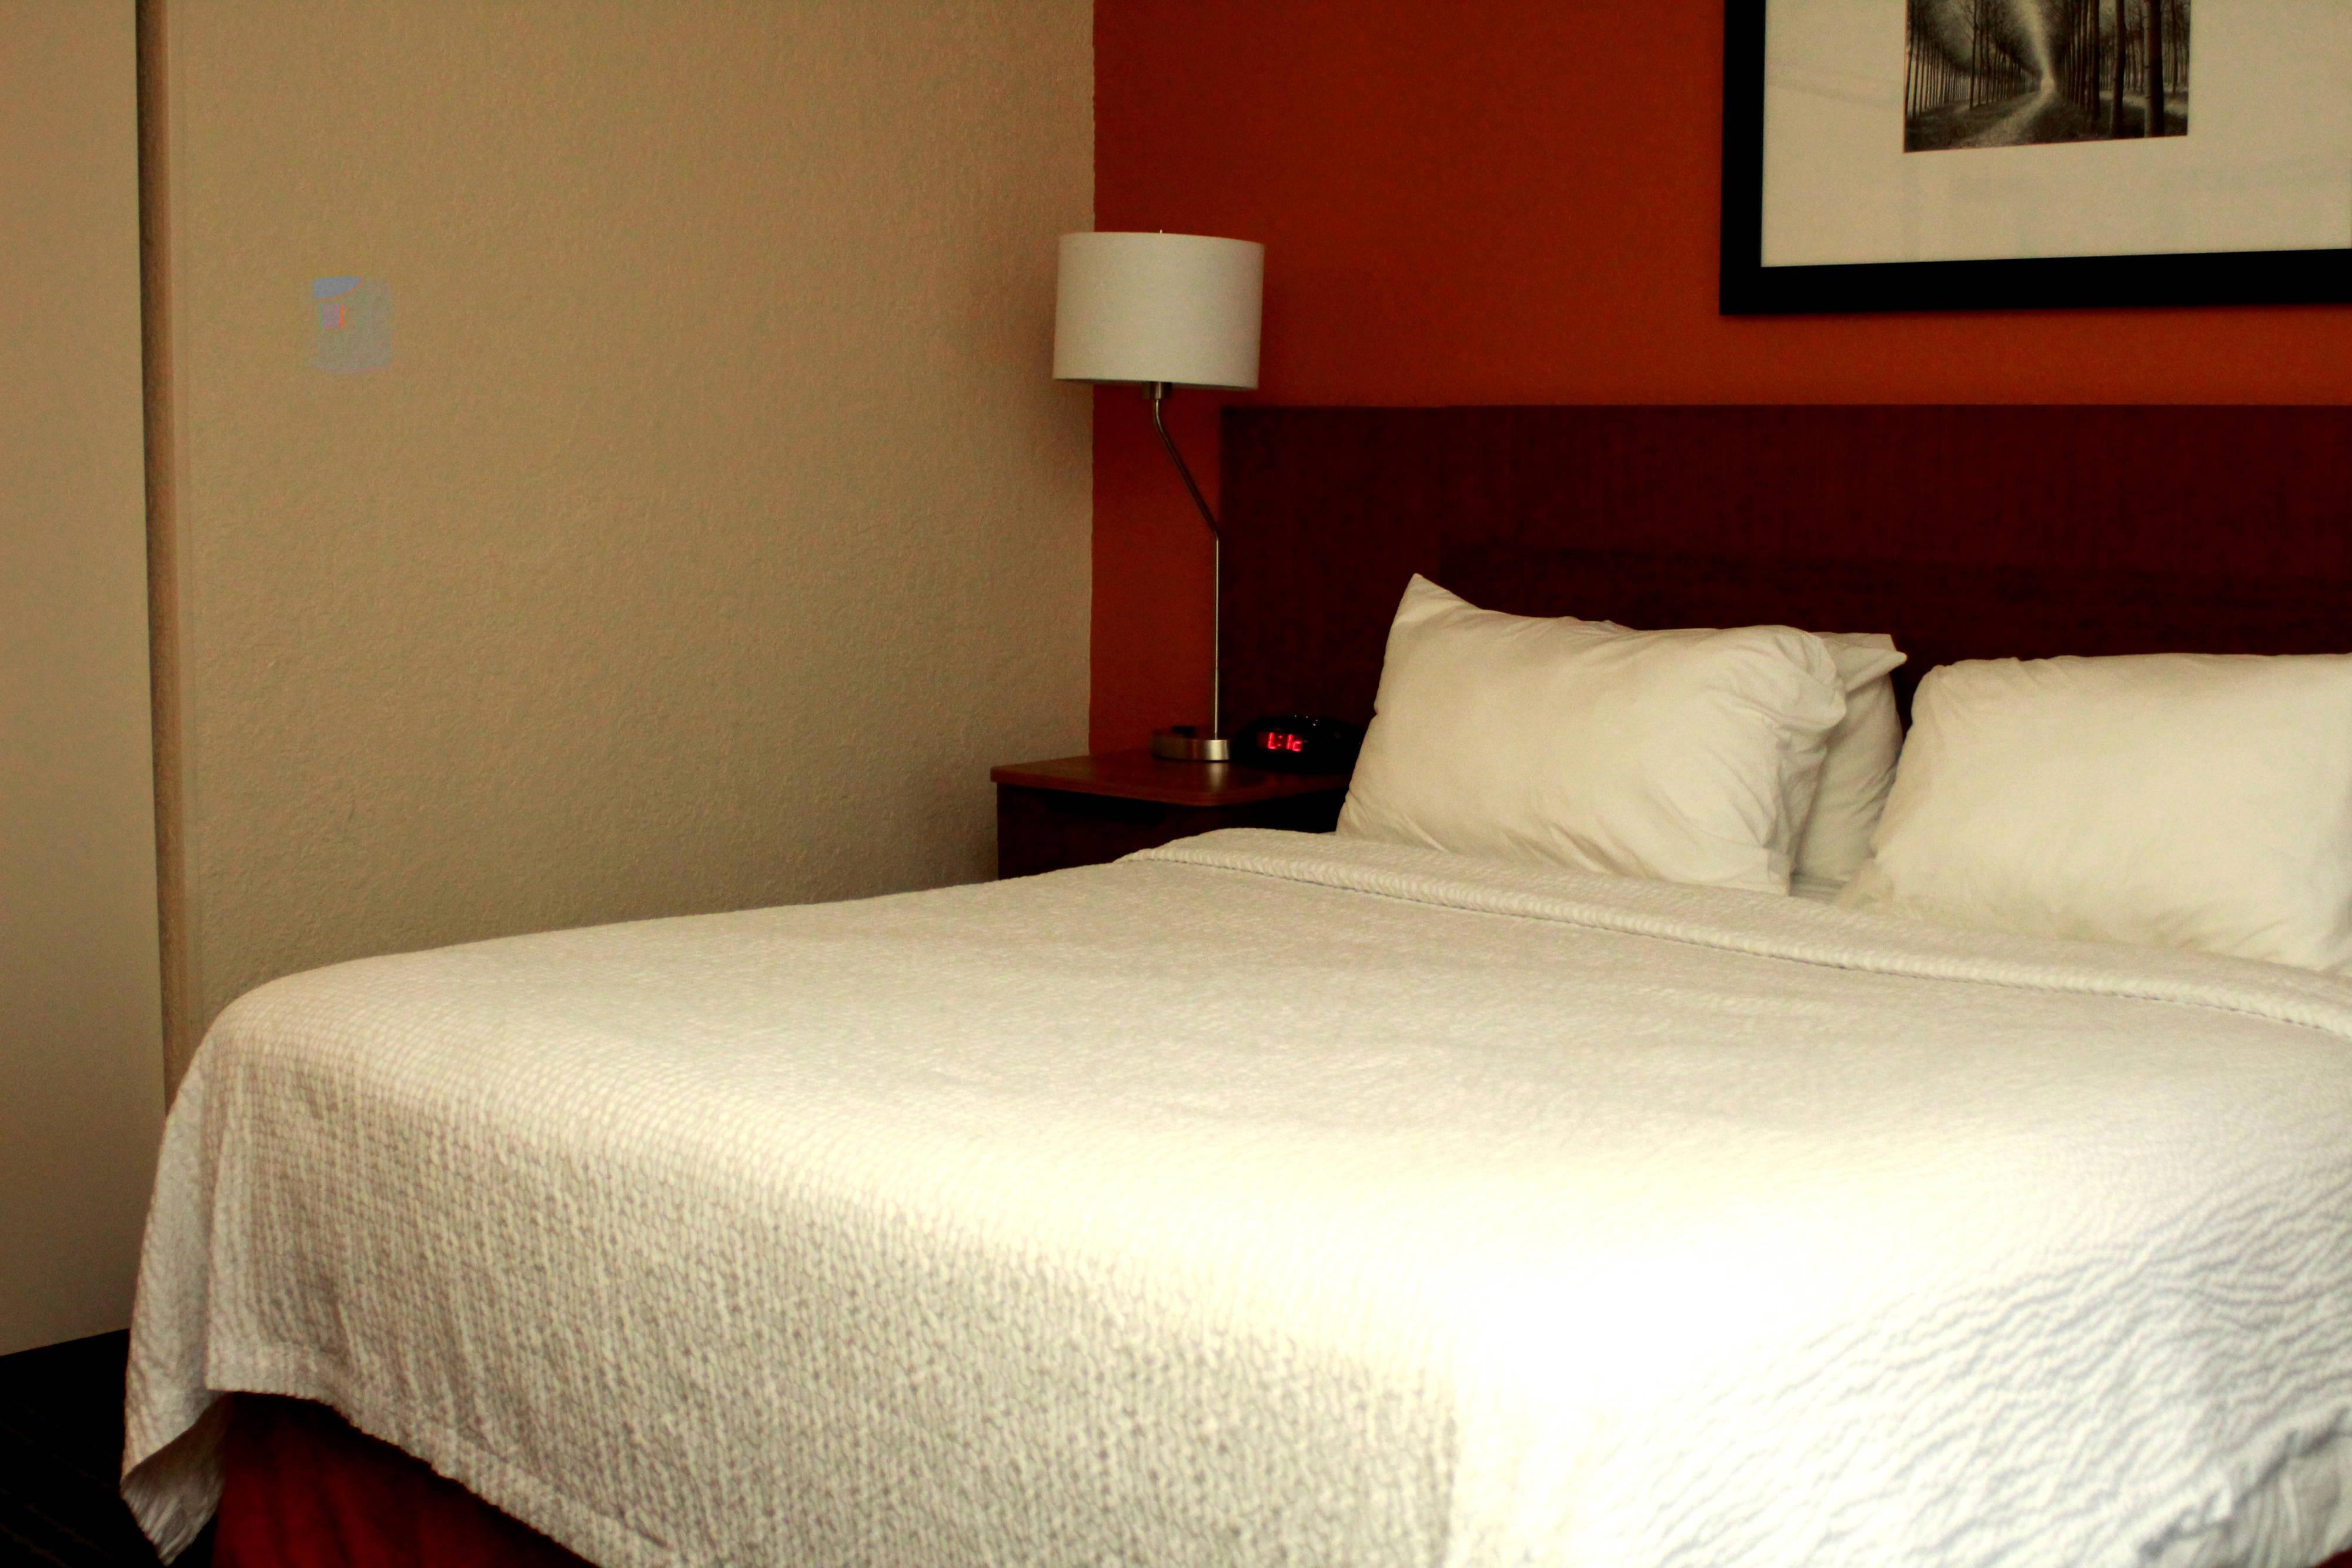 Suite avec lit king size - Espace nuit